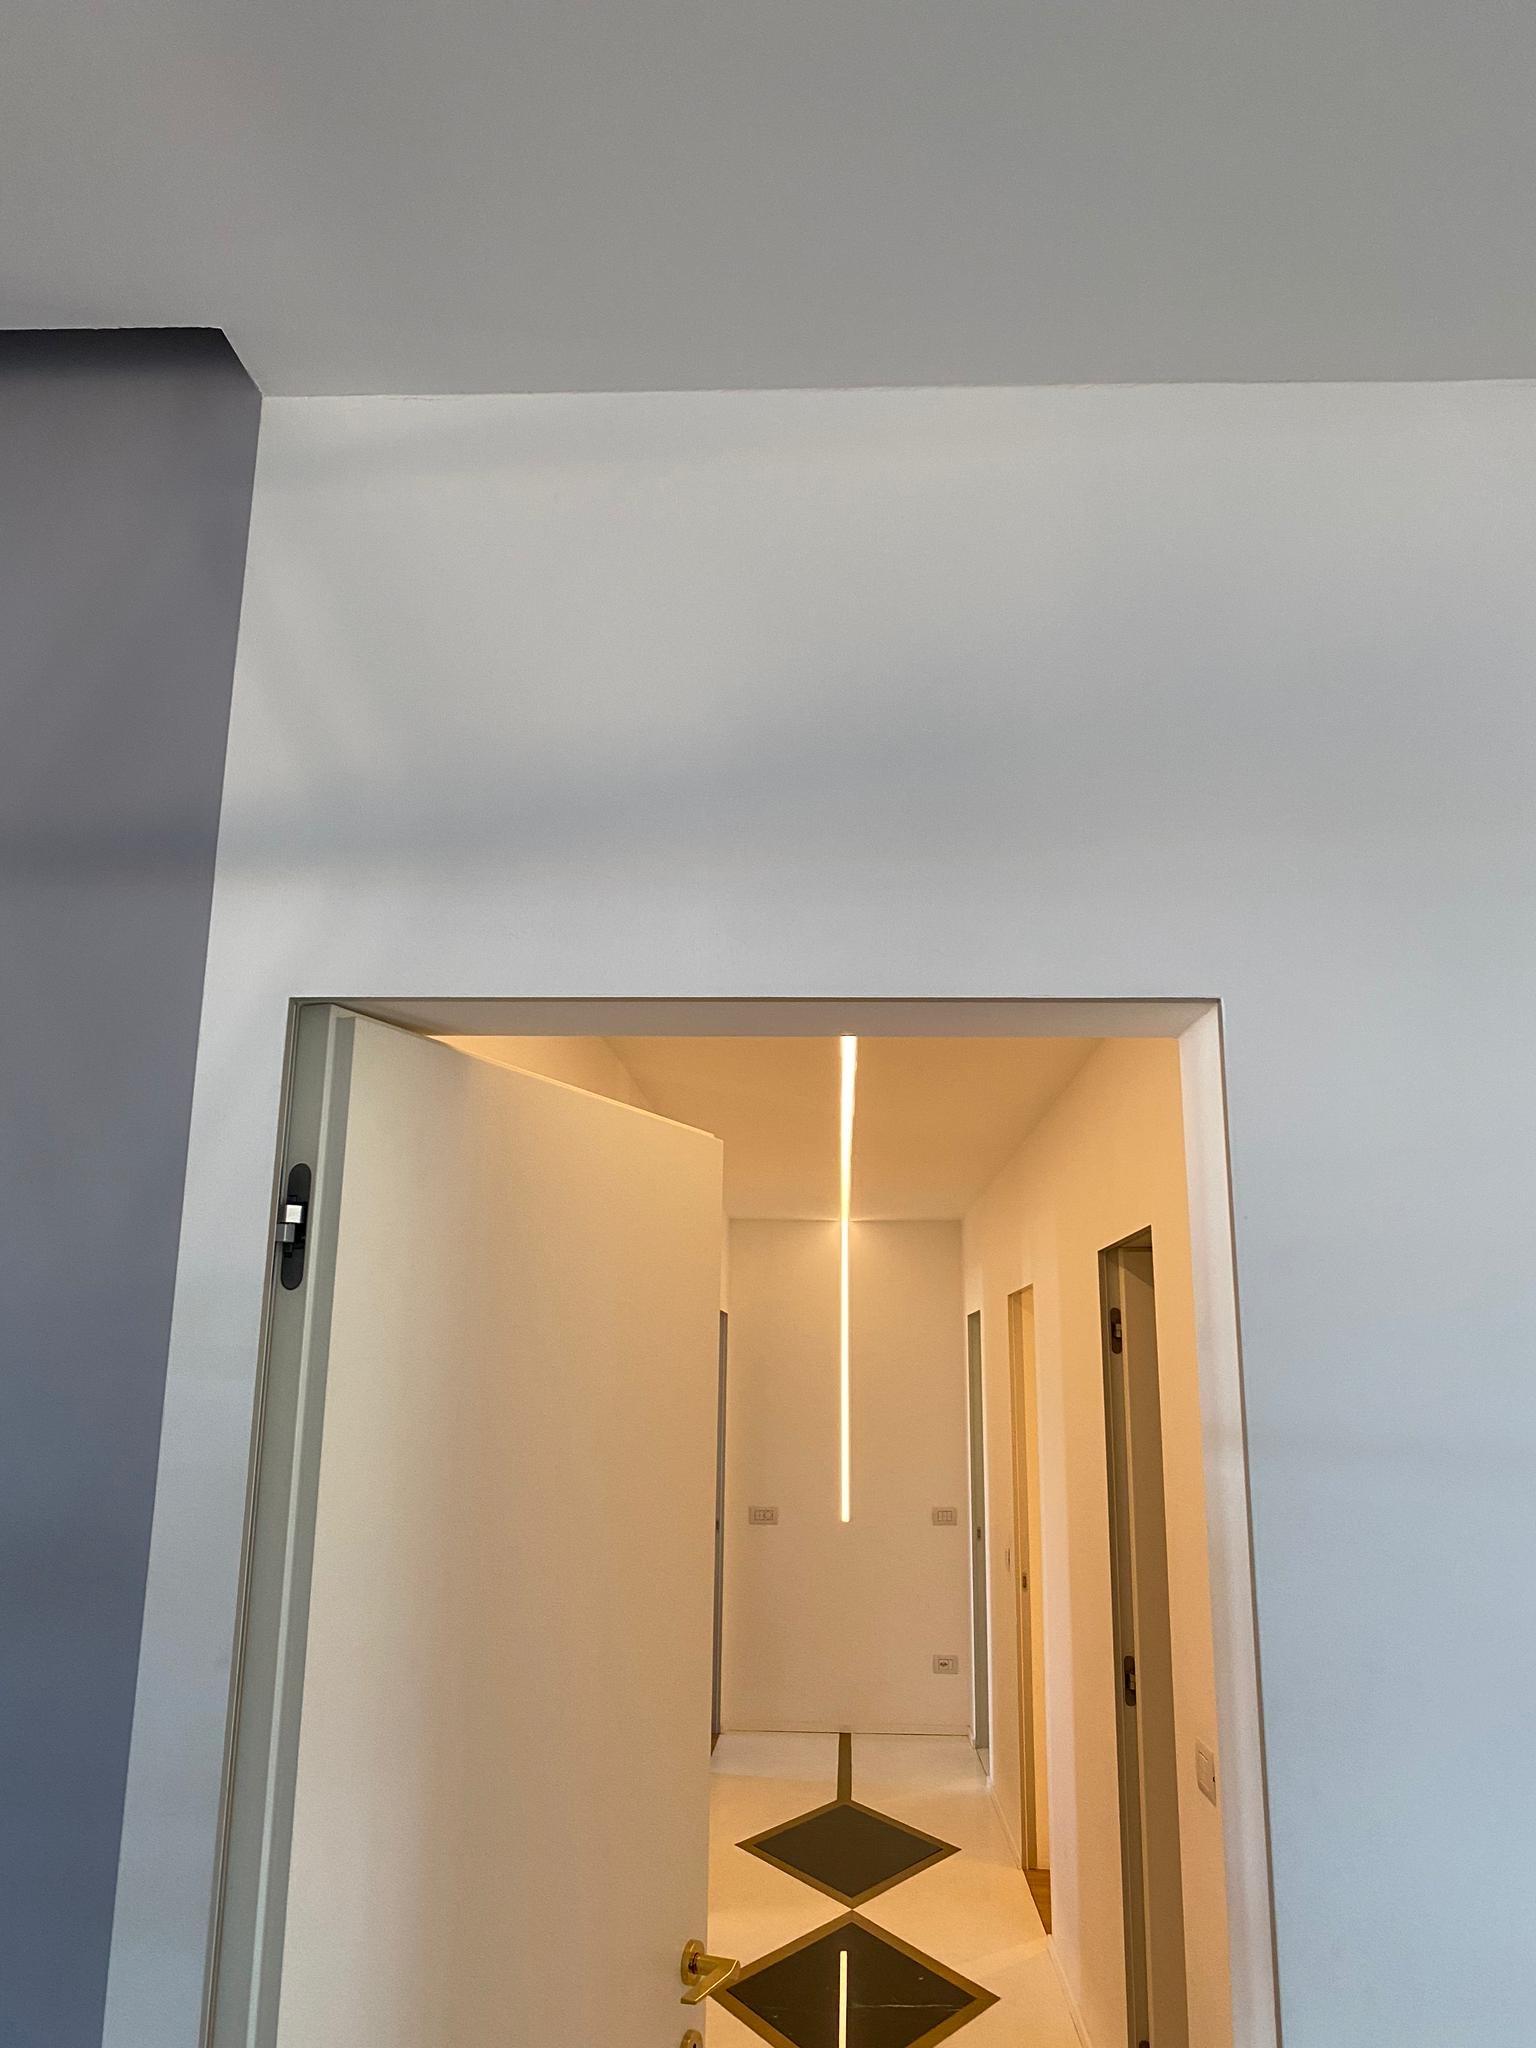 luci a led installate a Saronno Vareae